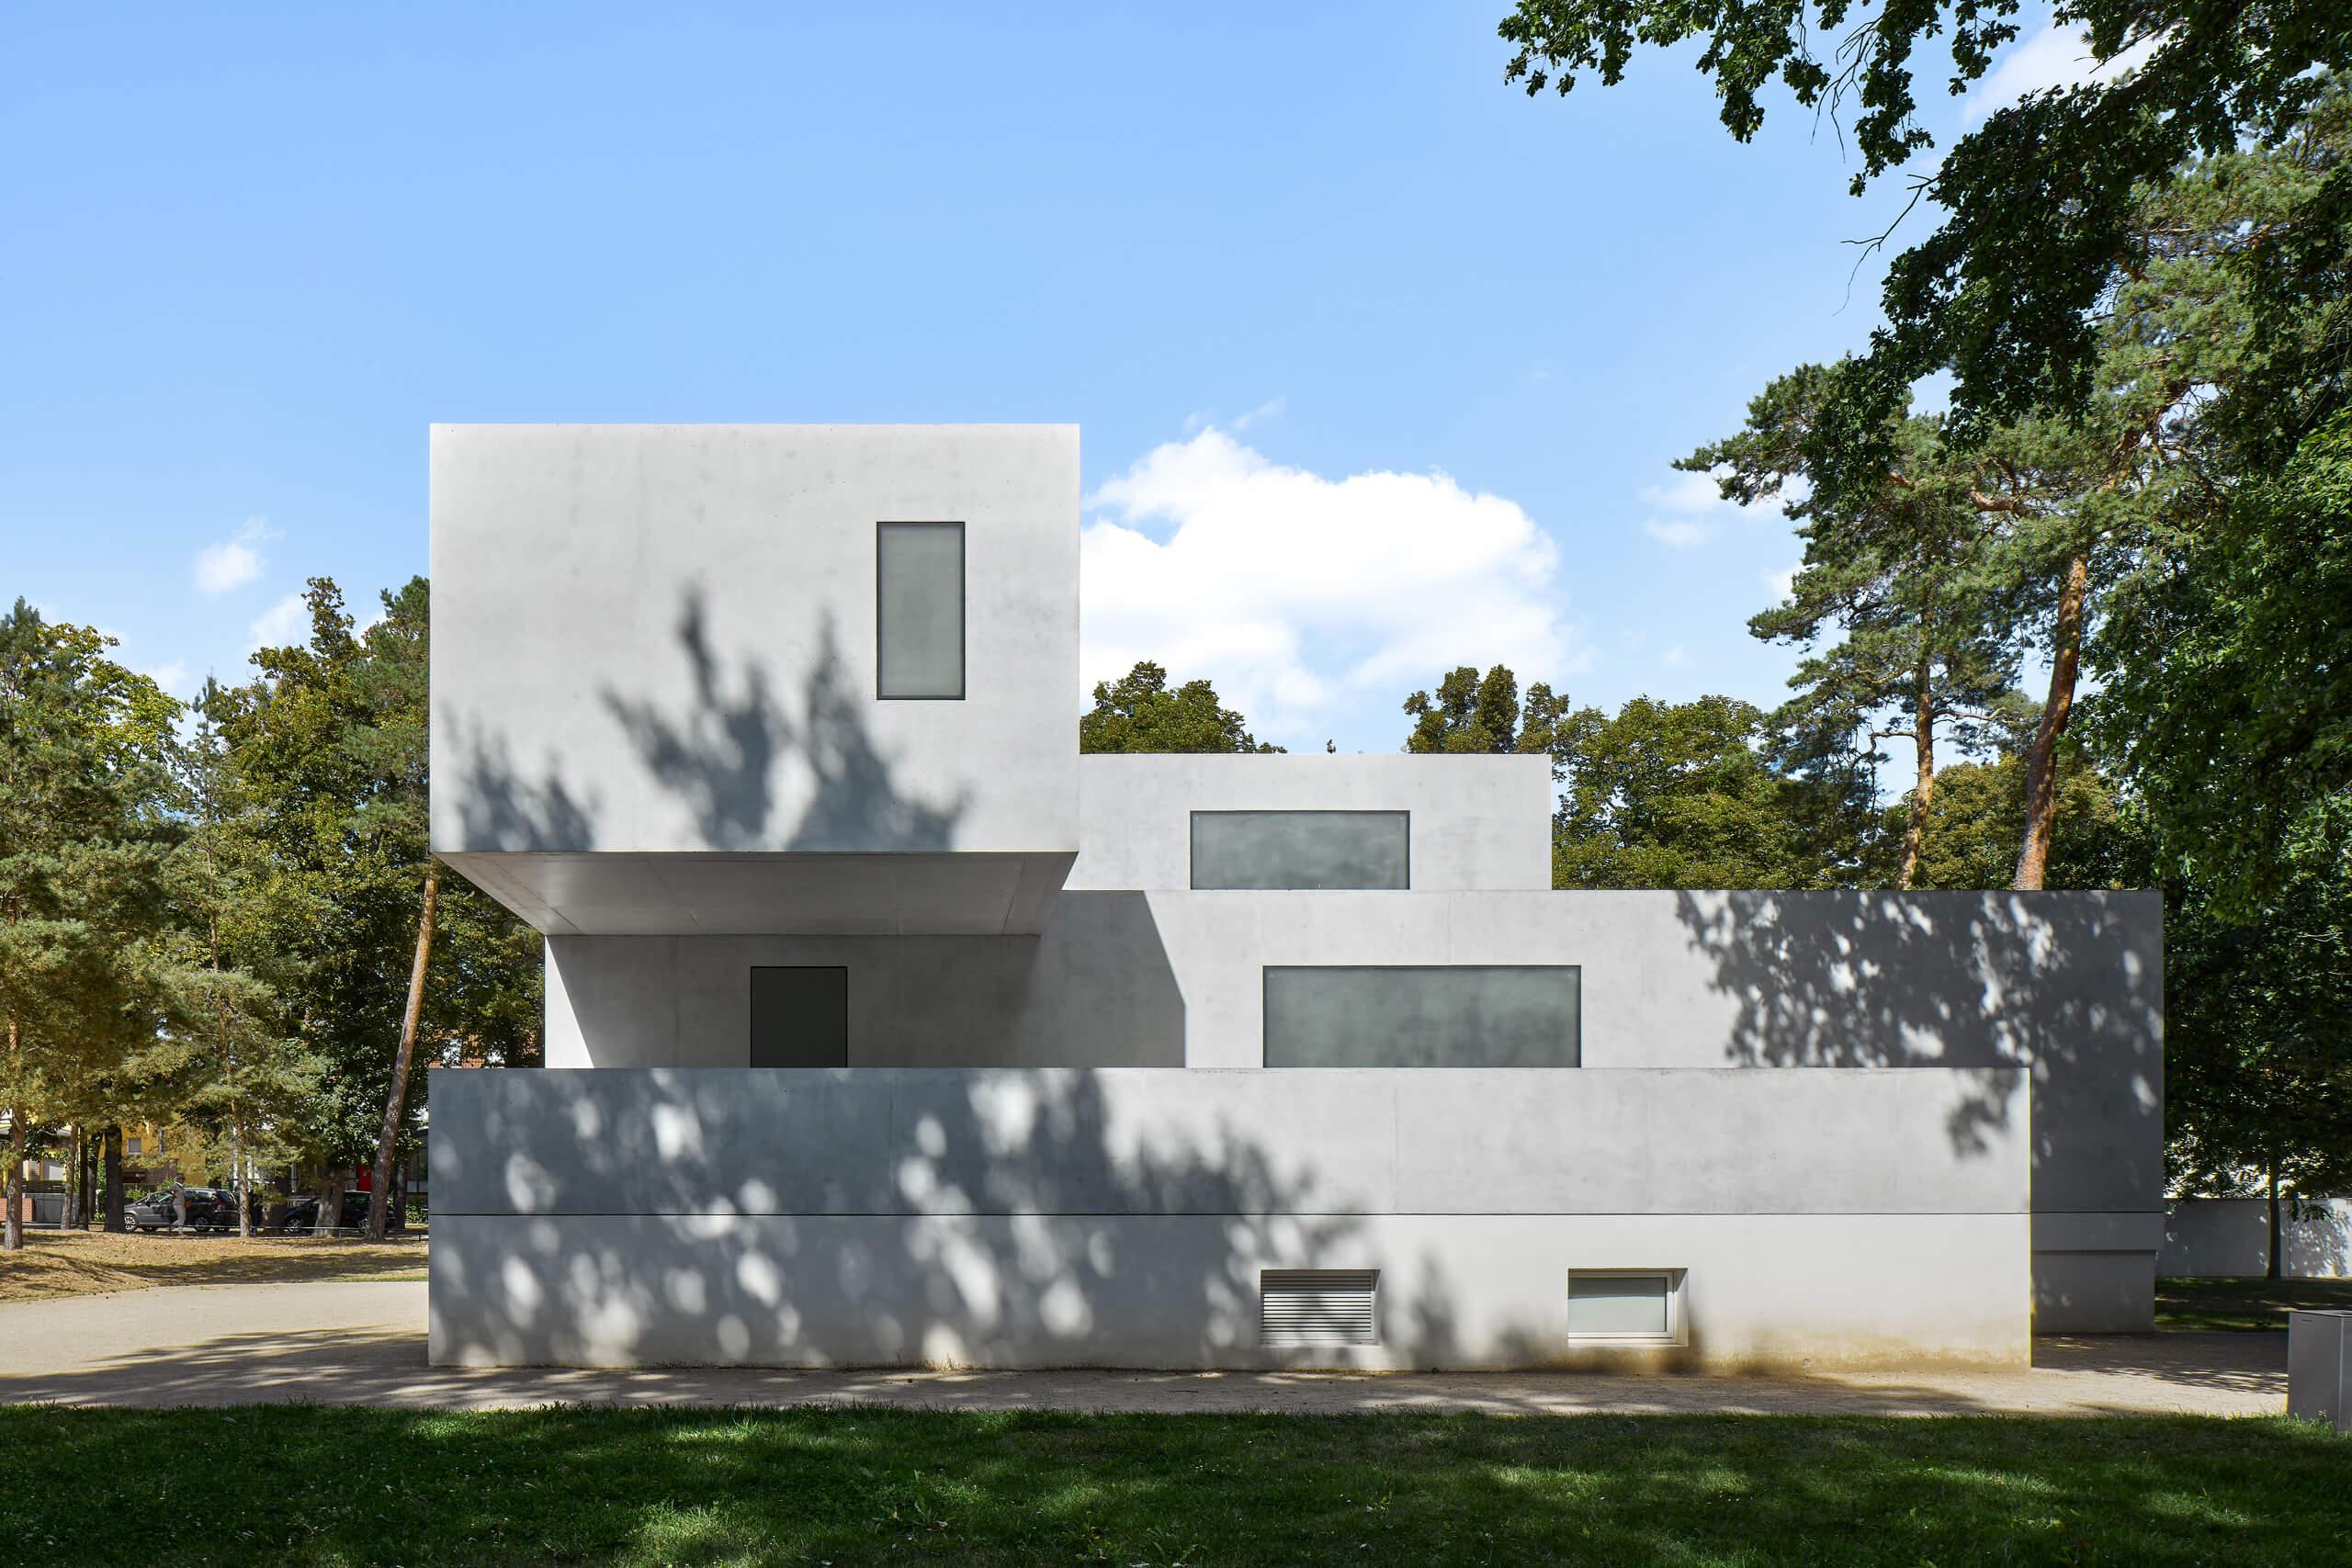 Neue Meisterhäuser<br>Bruno Fioretti Marquez